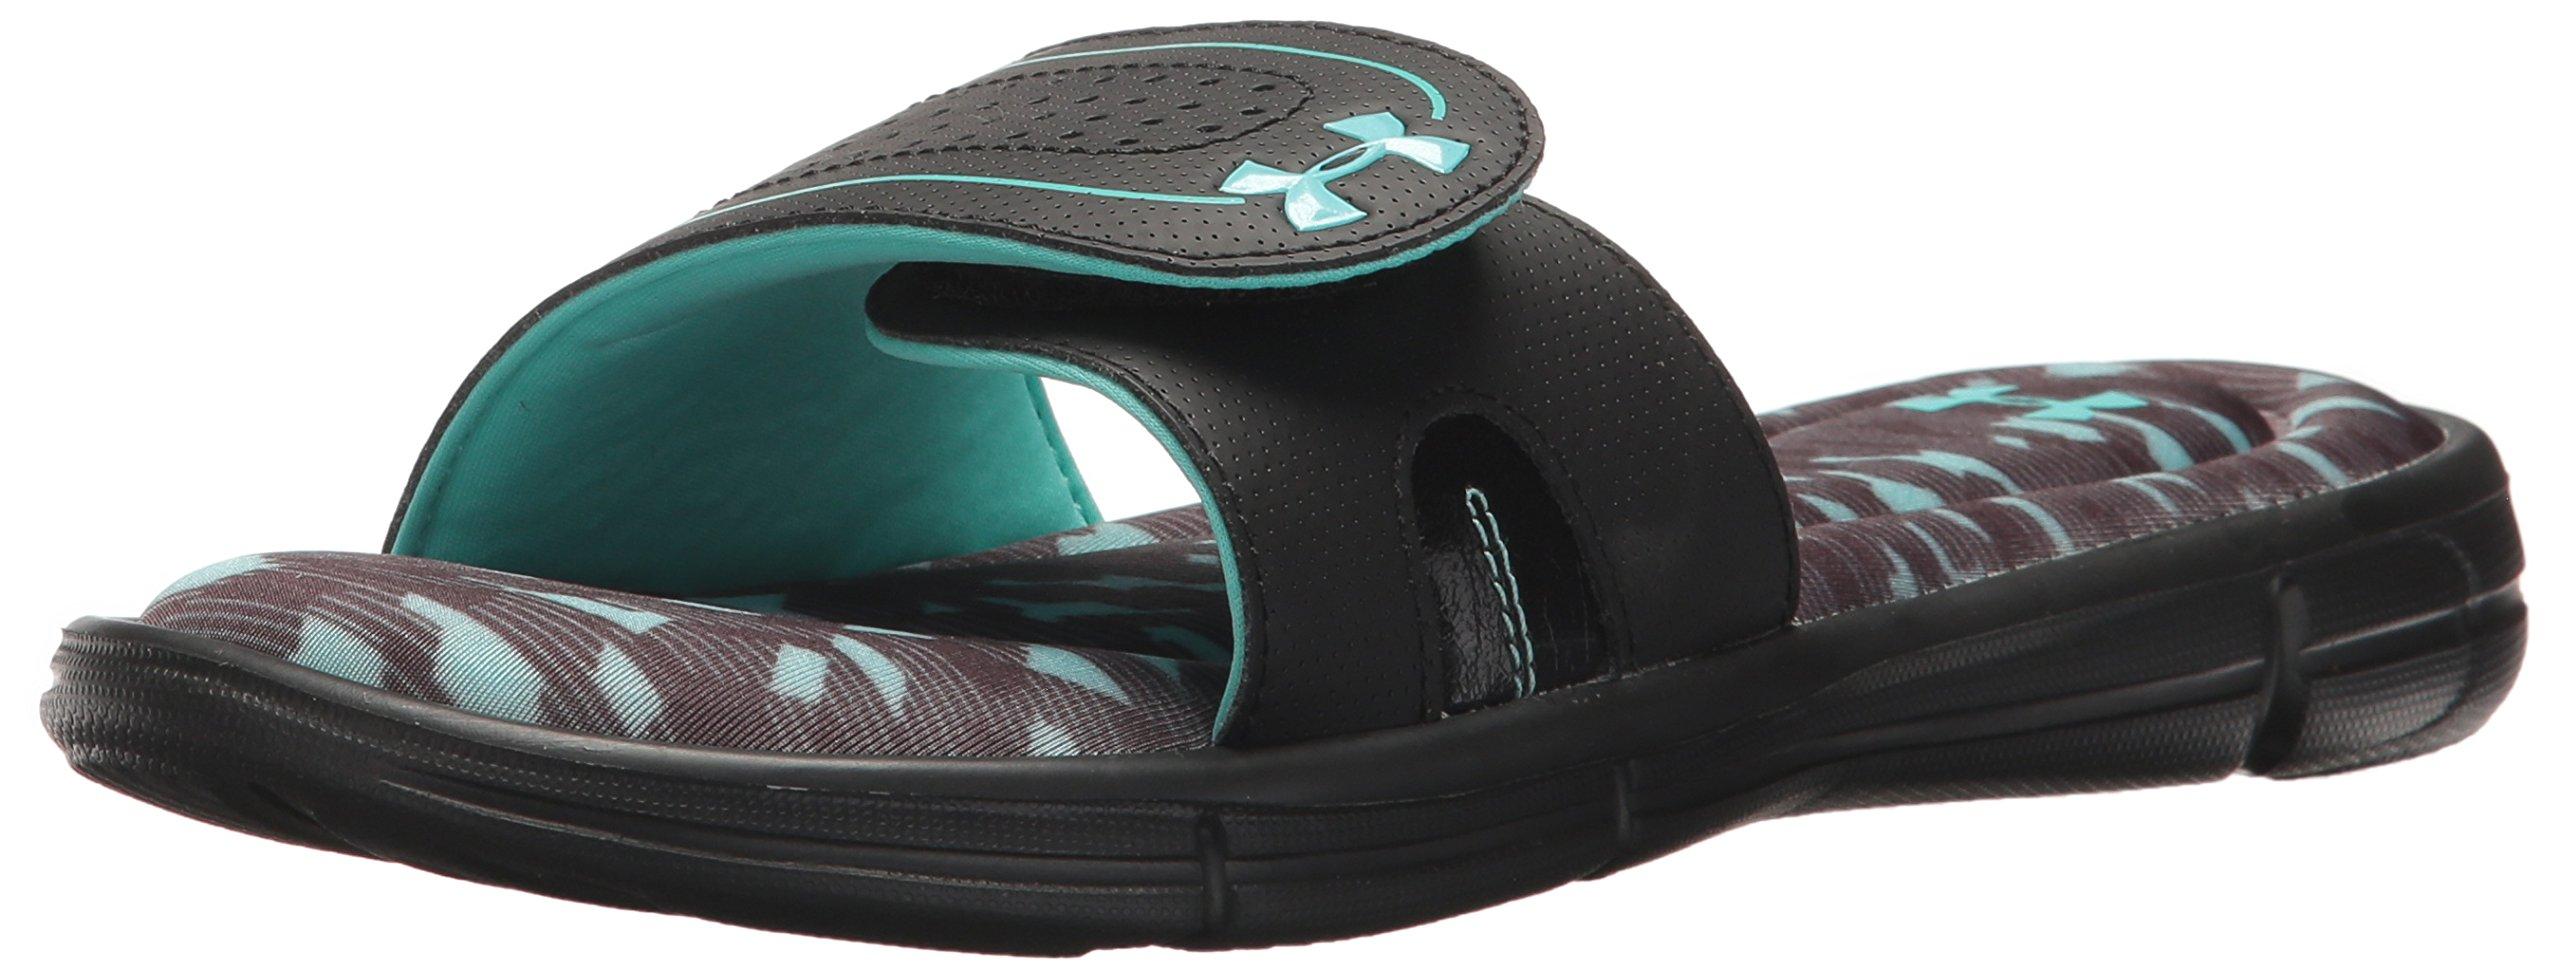 Under Armour Women's Ignite VIII Edge Slide Sandal, Black (001)/Tropical Tide, 6